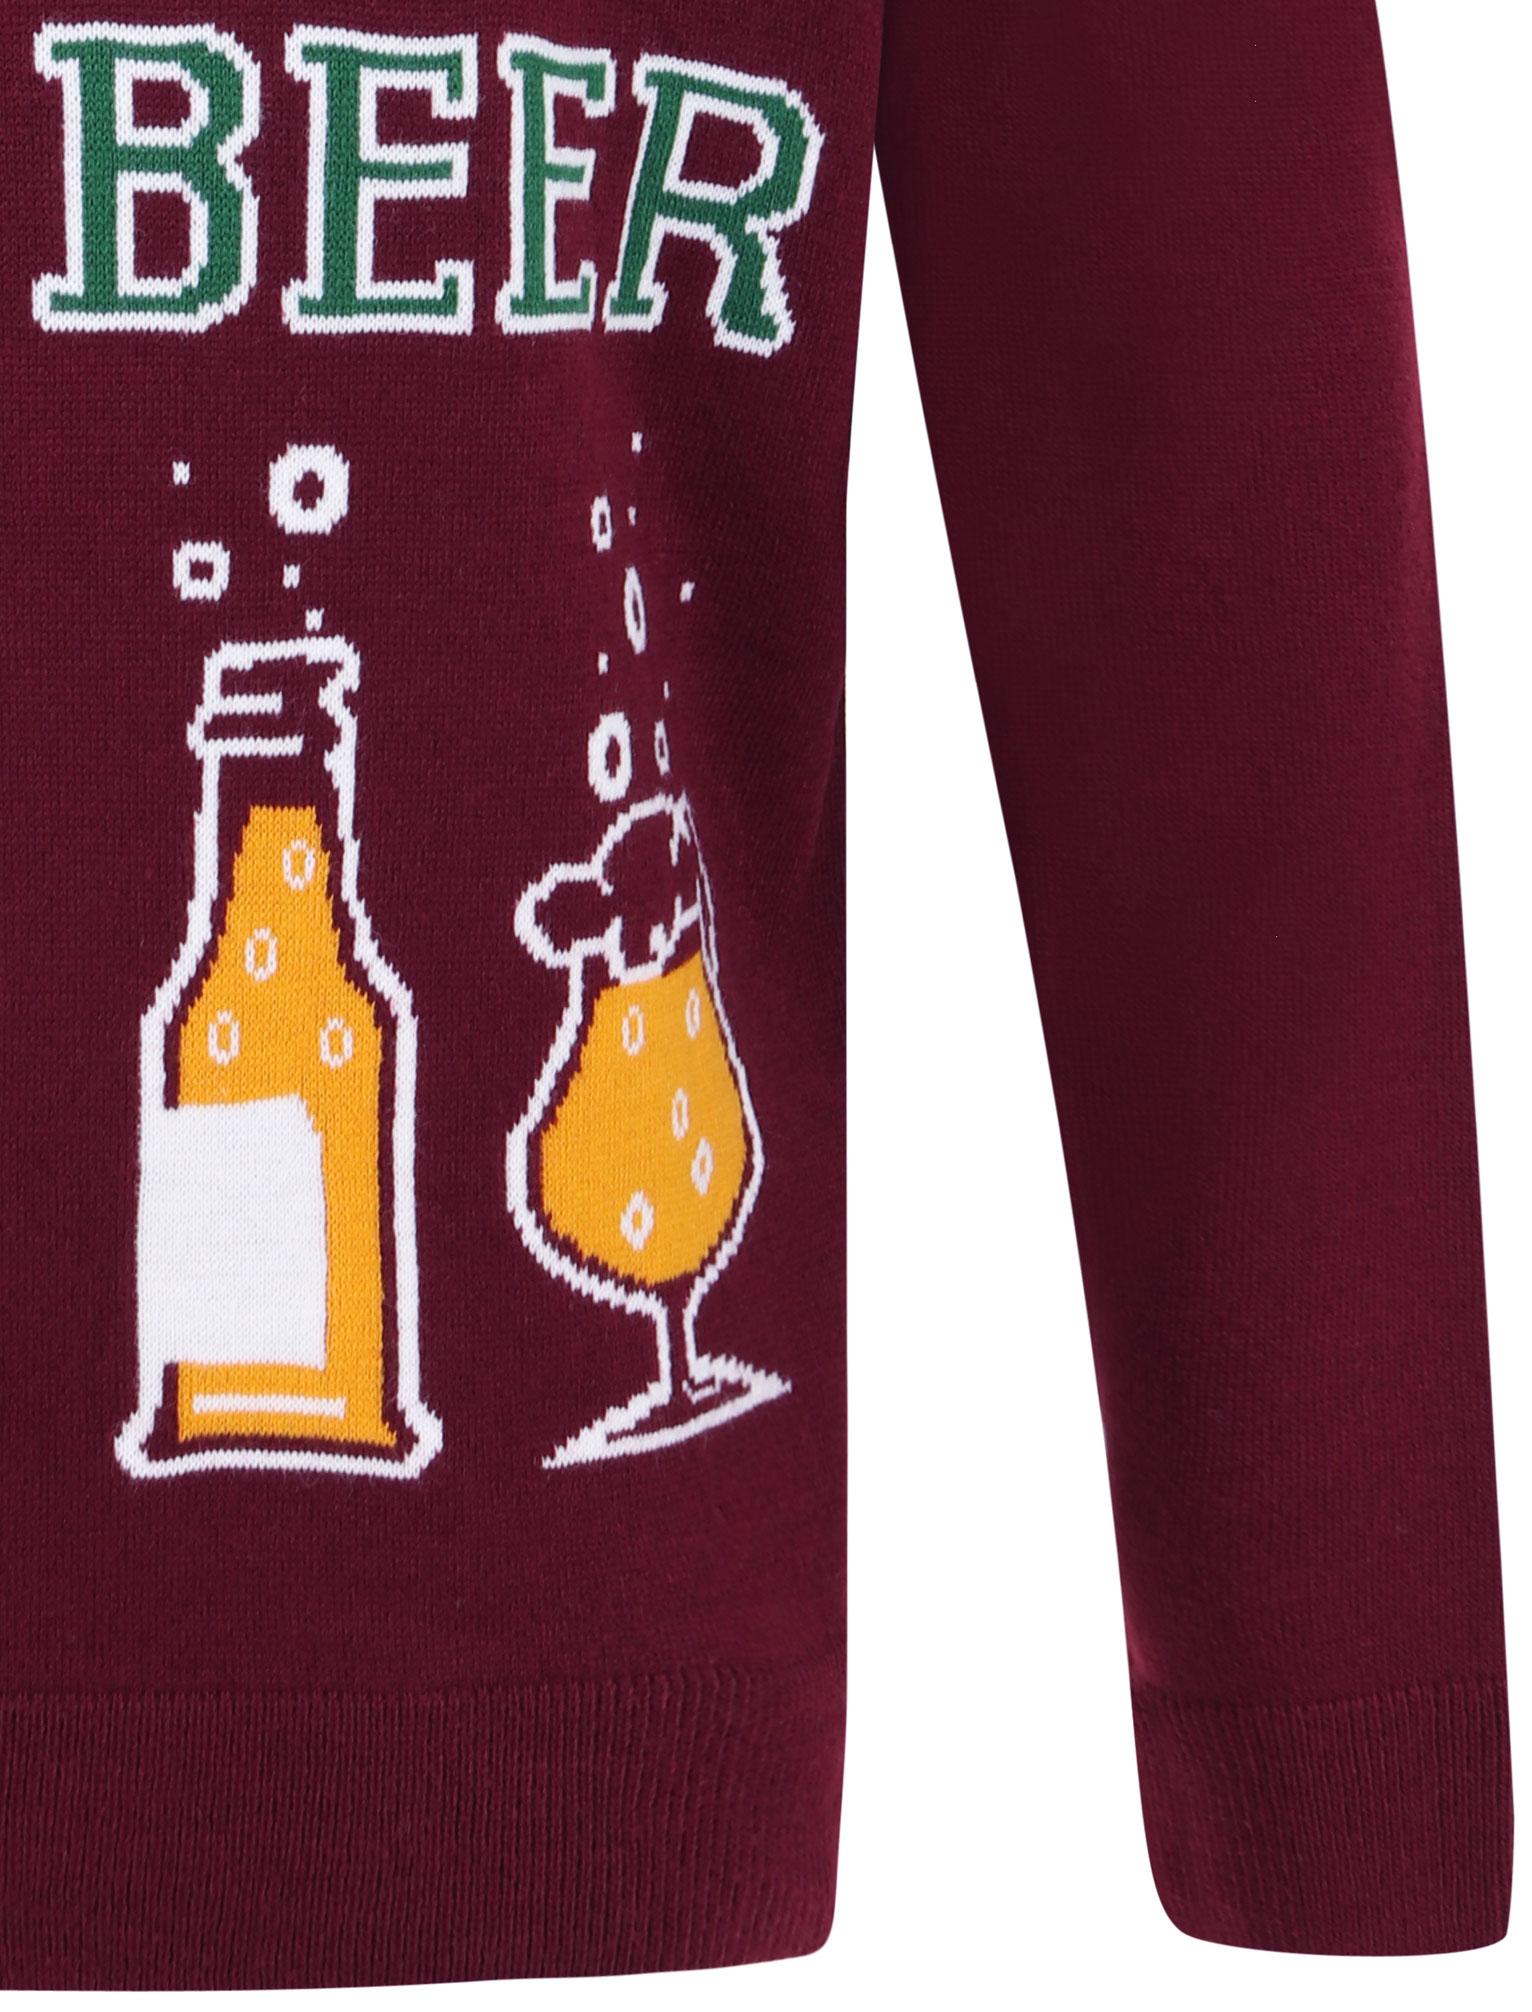 Feliz-Navidad-Para-Hombre-Novedad-Navidad-Sueter-Santa-Elfo-Reno-divertido-Cerveza miniatura 13